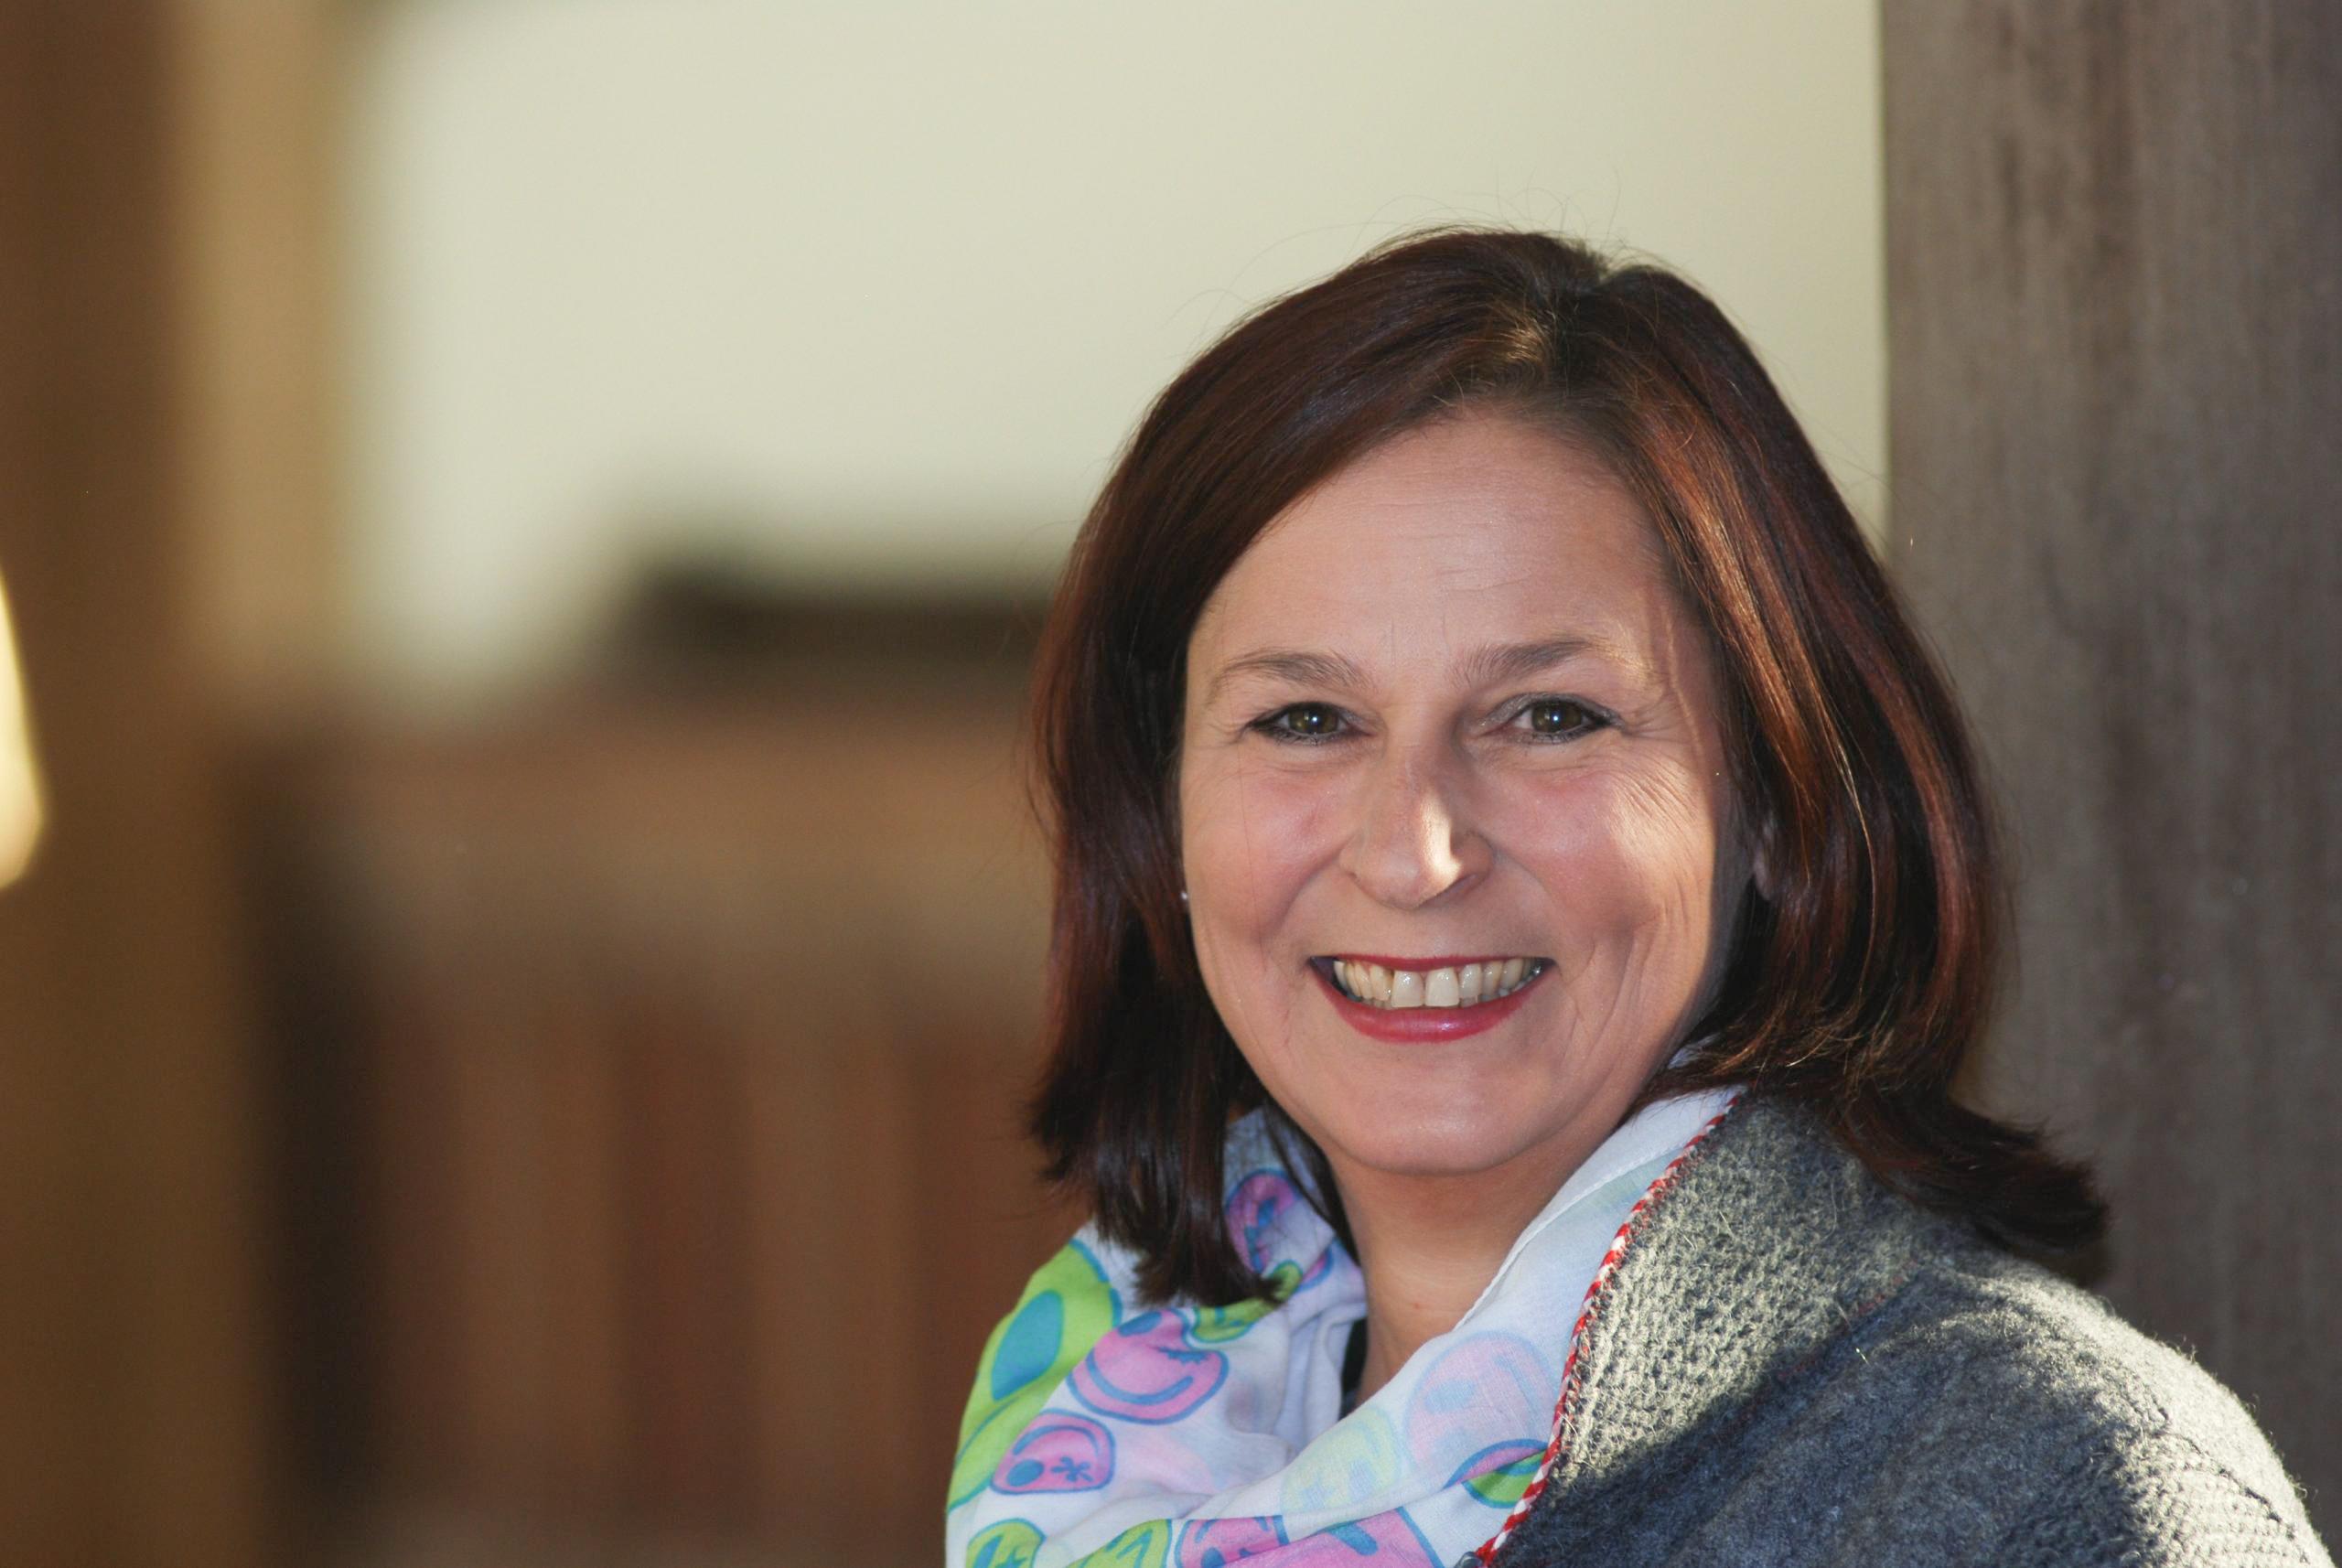 Christina Jolink